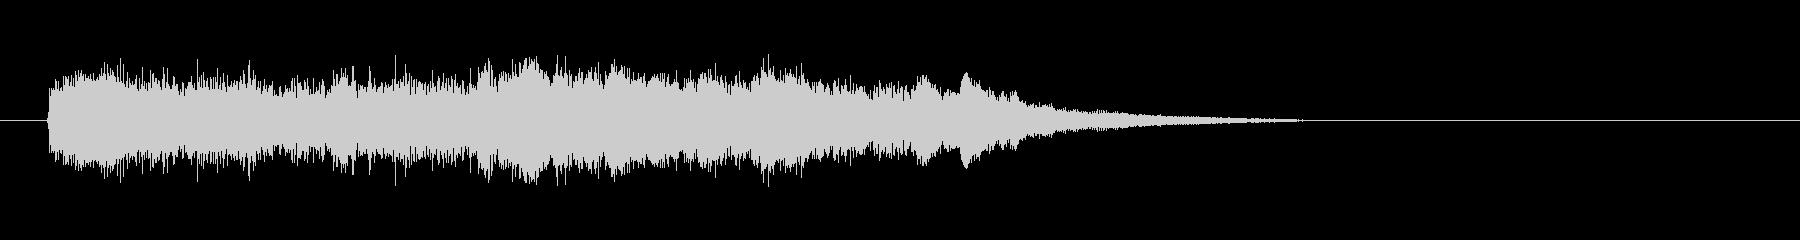 テーマ7:フルミックスの未再生の波形